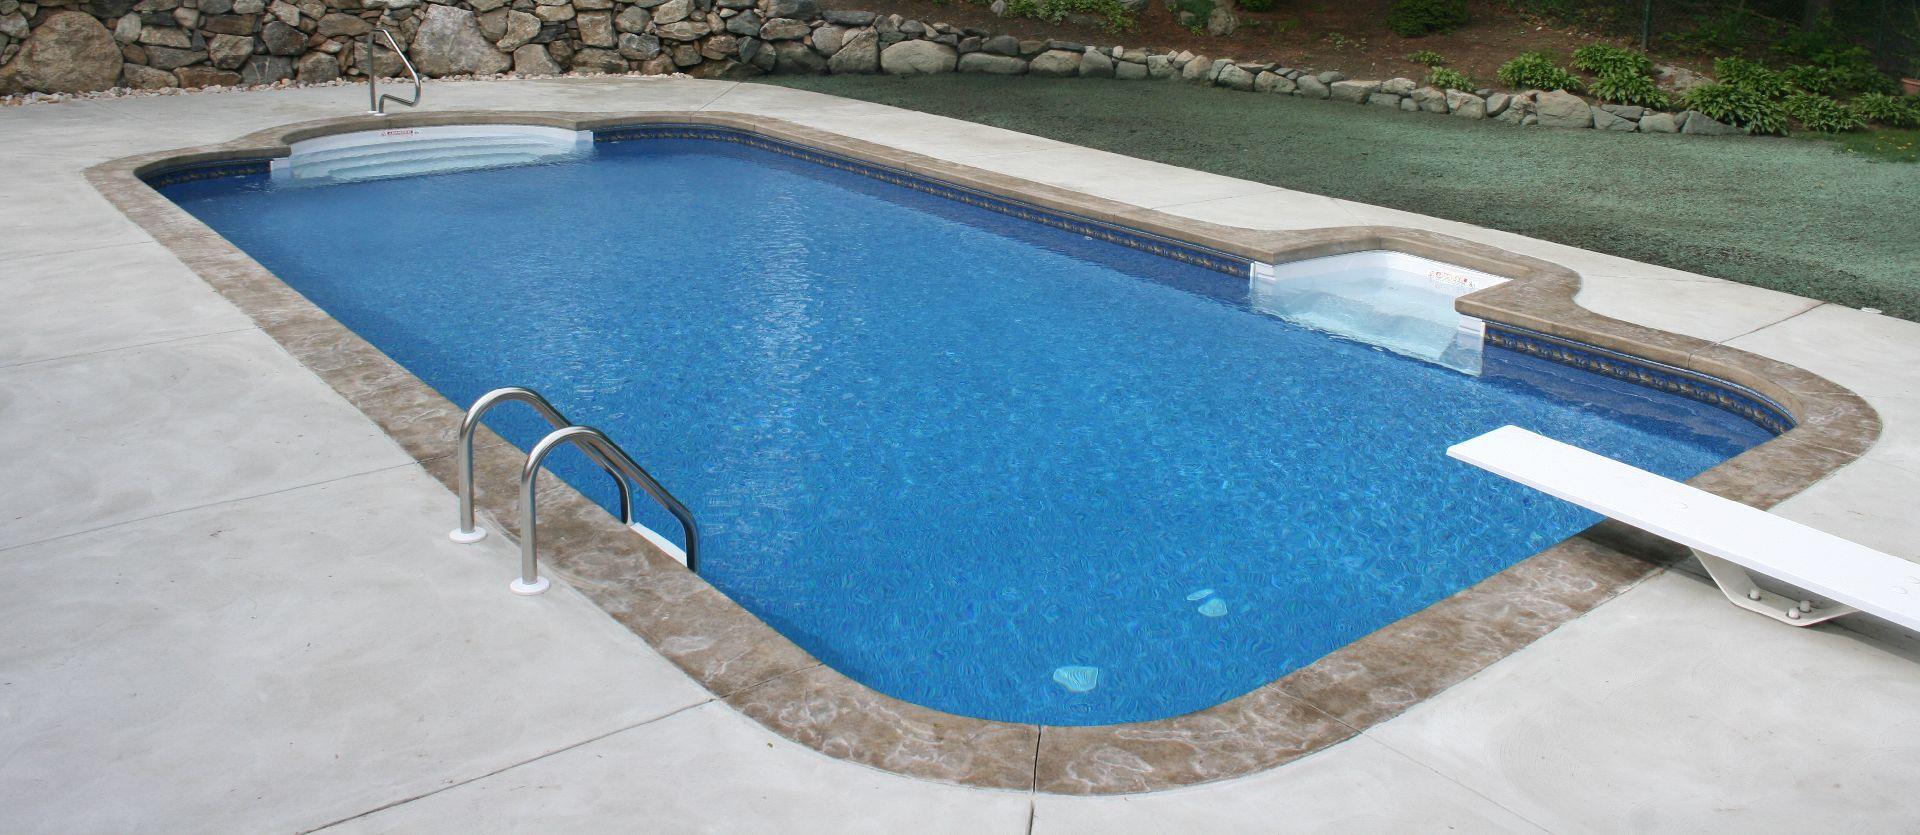 Pressure washing pool decks atlantic power cleaning for Pressure clean pools